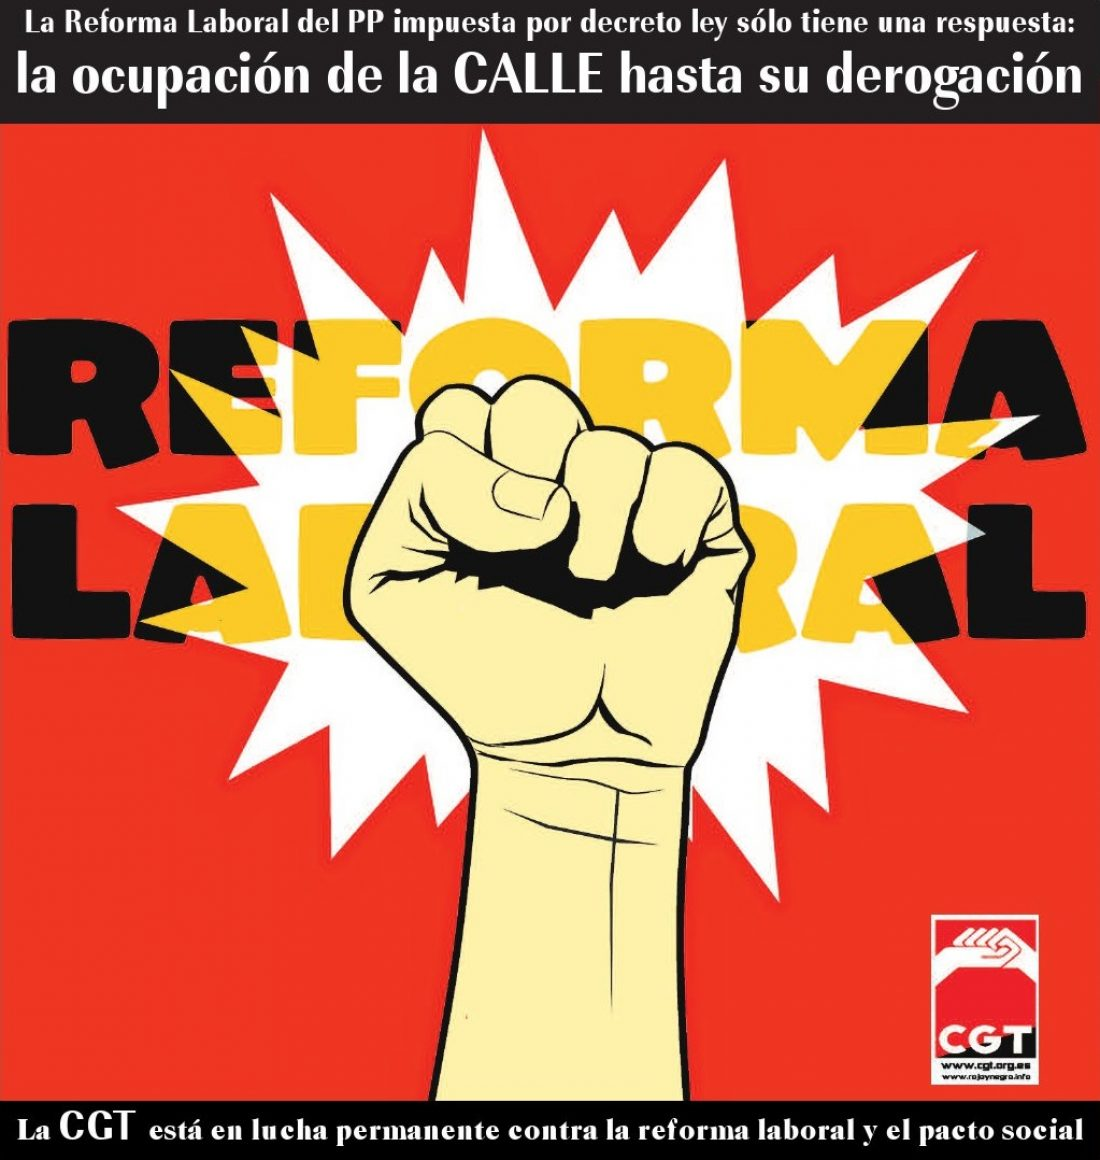 CGT afirma que la conciliación de horarios es imposible sin la derogación de la actual Reforma Laboral